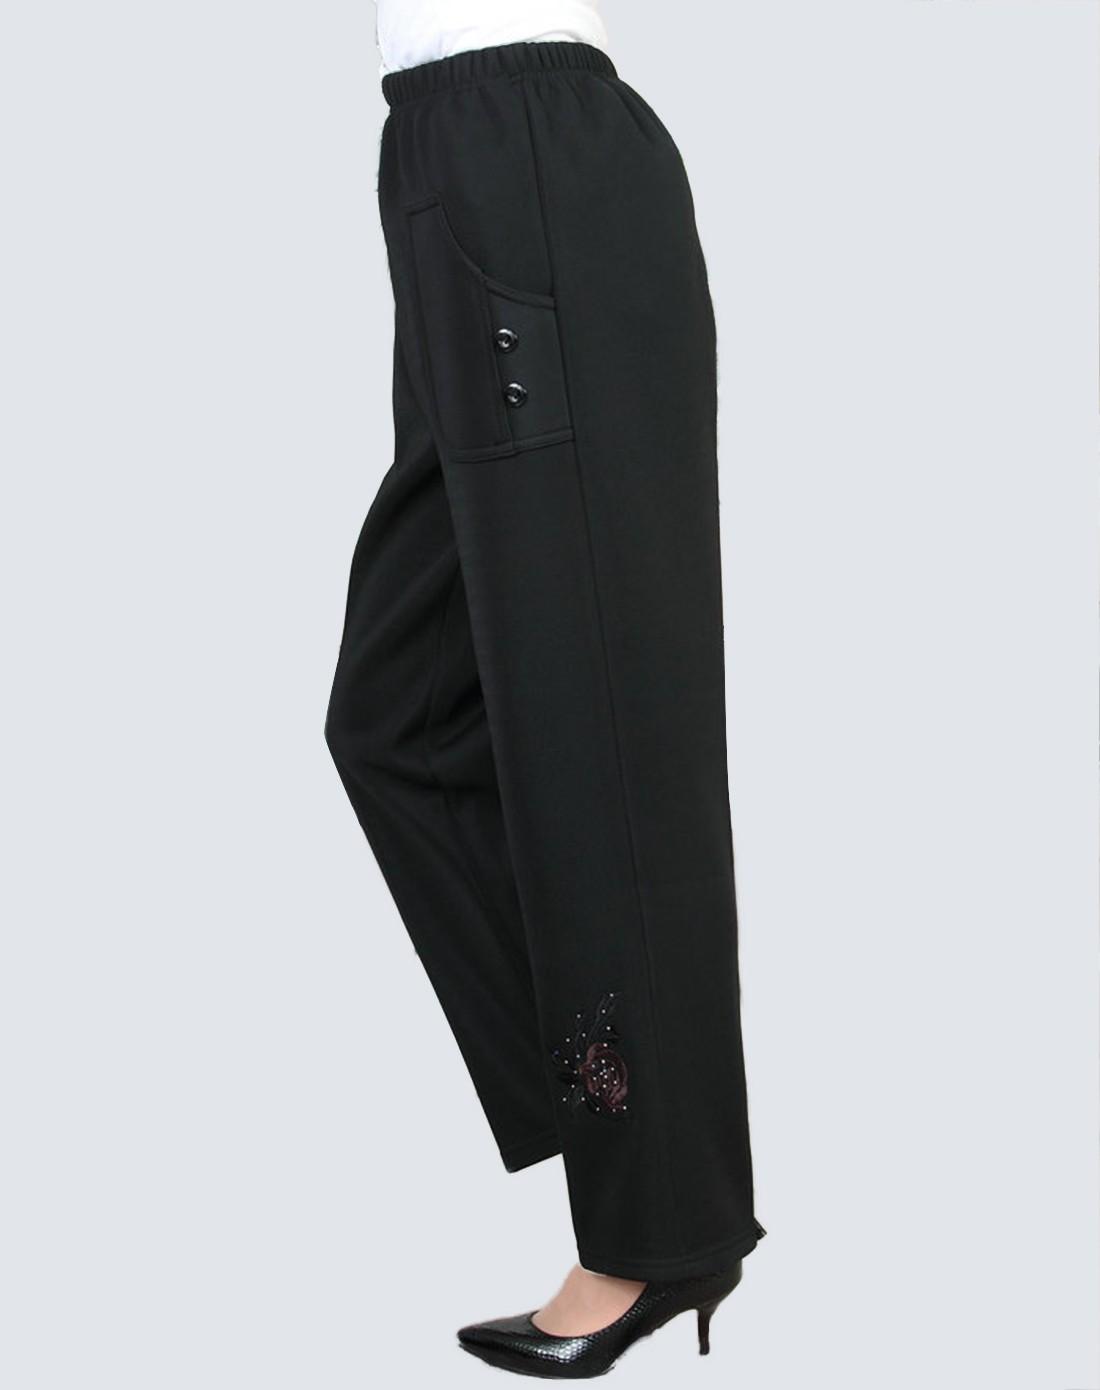 麦子熟了黑色玫瑰花刺绣休闲长裤m144-002m144002062